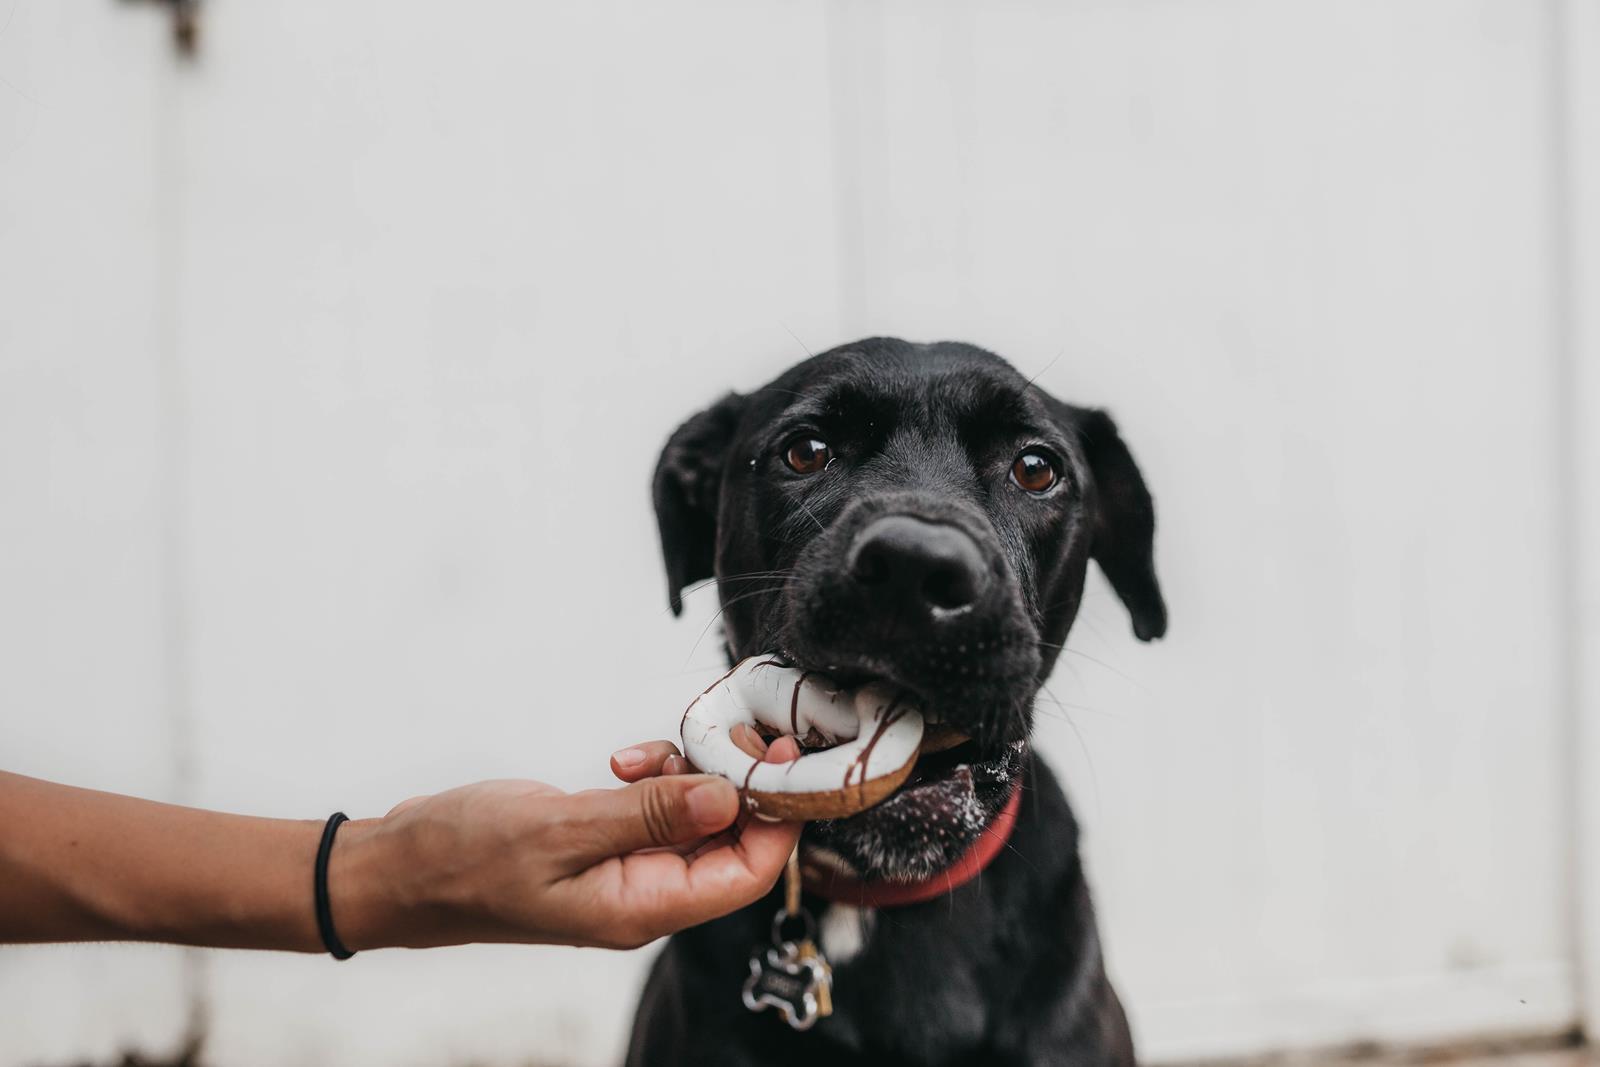 dieta per cani - cosa può mangiaere un cane e cosa è percioloso per un cane